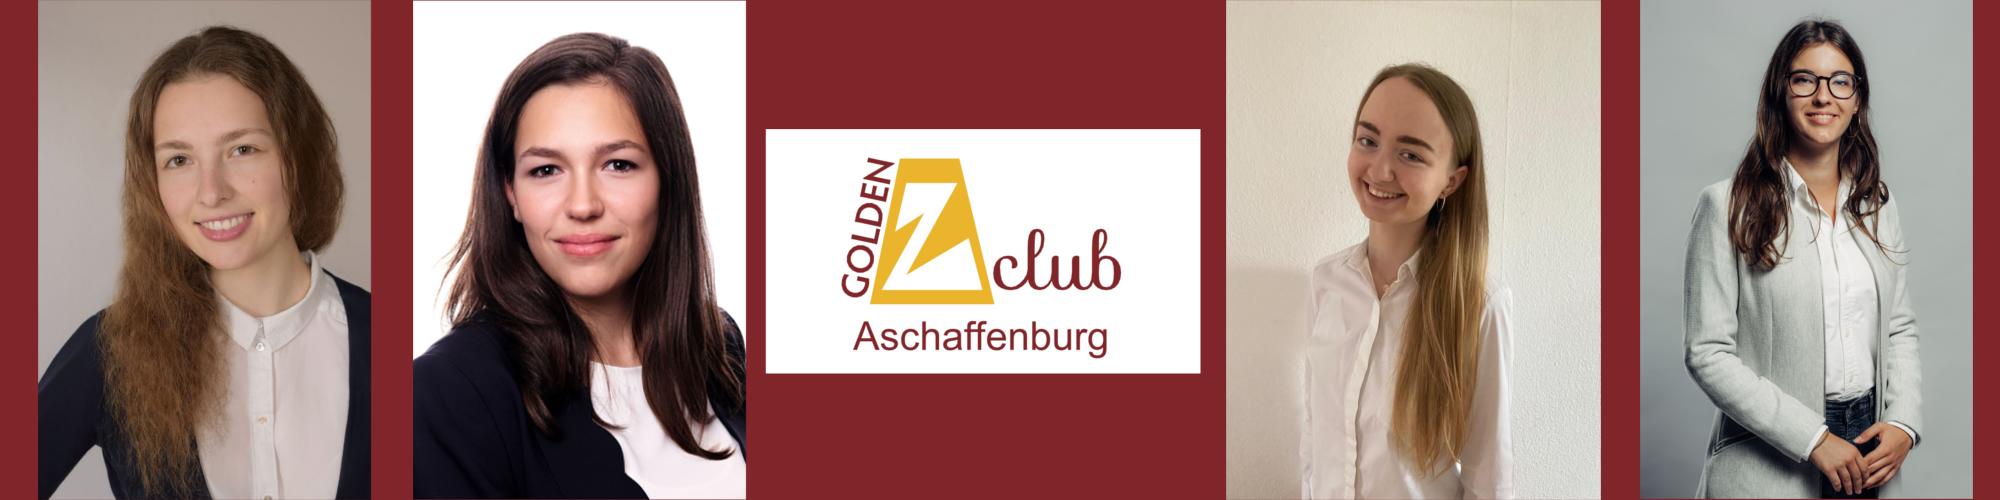 Golden Z Club Aschaffenburg Charter Feier